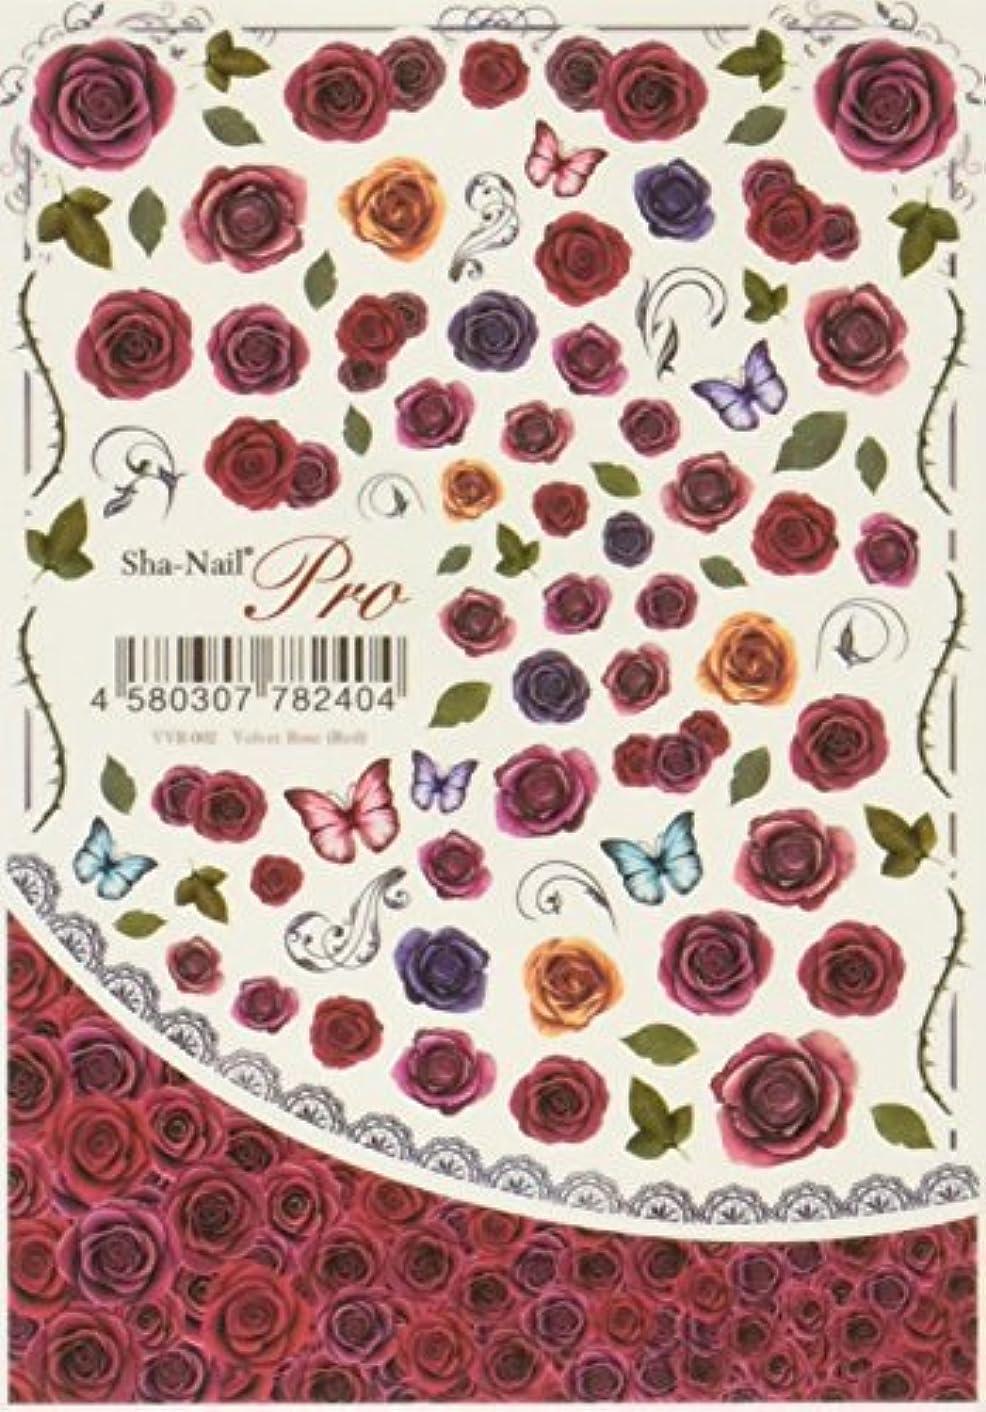 ただ汚染されたぶどうSha-Nail Pro ネイルシール ベルベットローズ レッド アート材